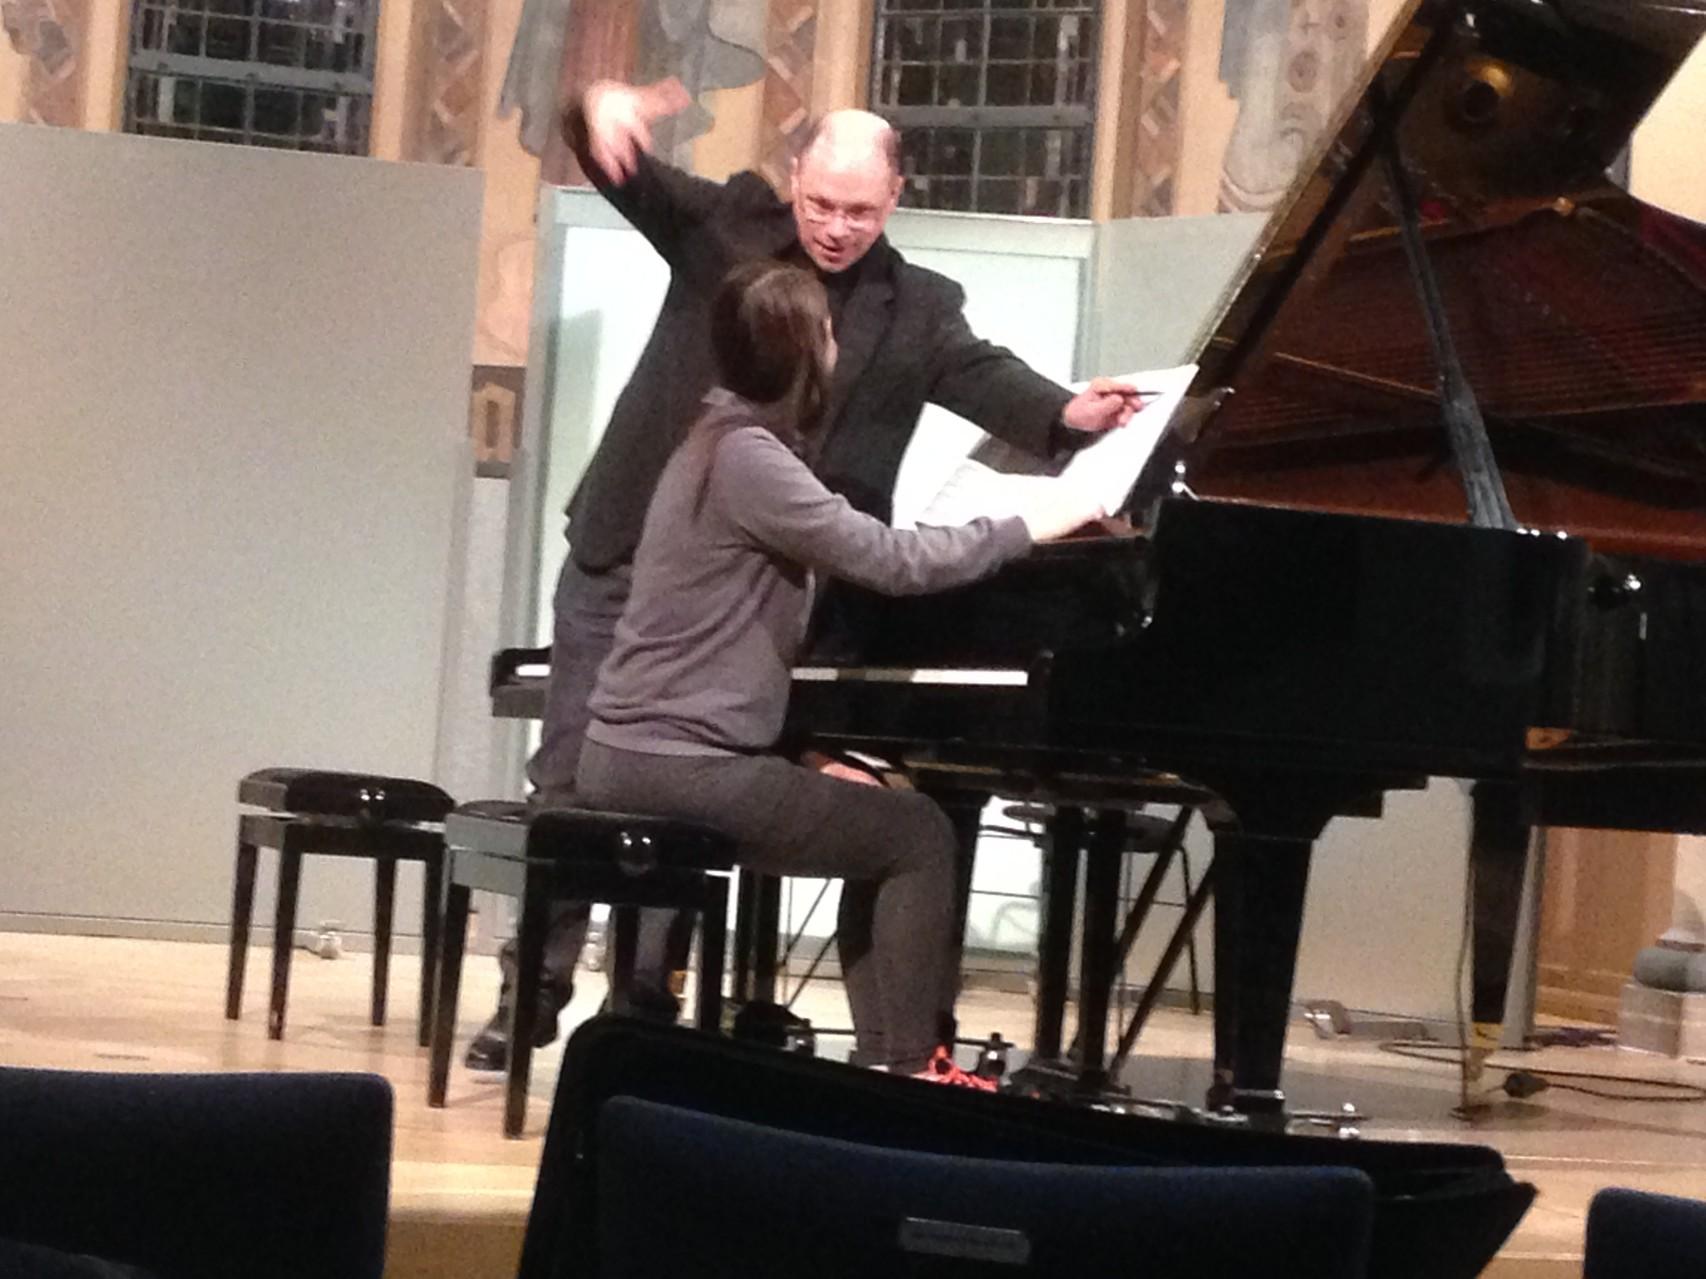 Meisterkurs Klavier, Hochschule für Musik, Nürnberg, 2014 (Foto: privat)